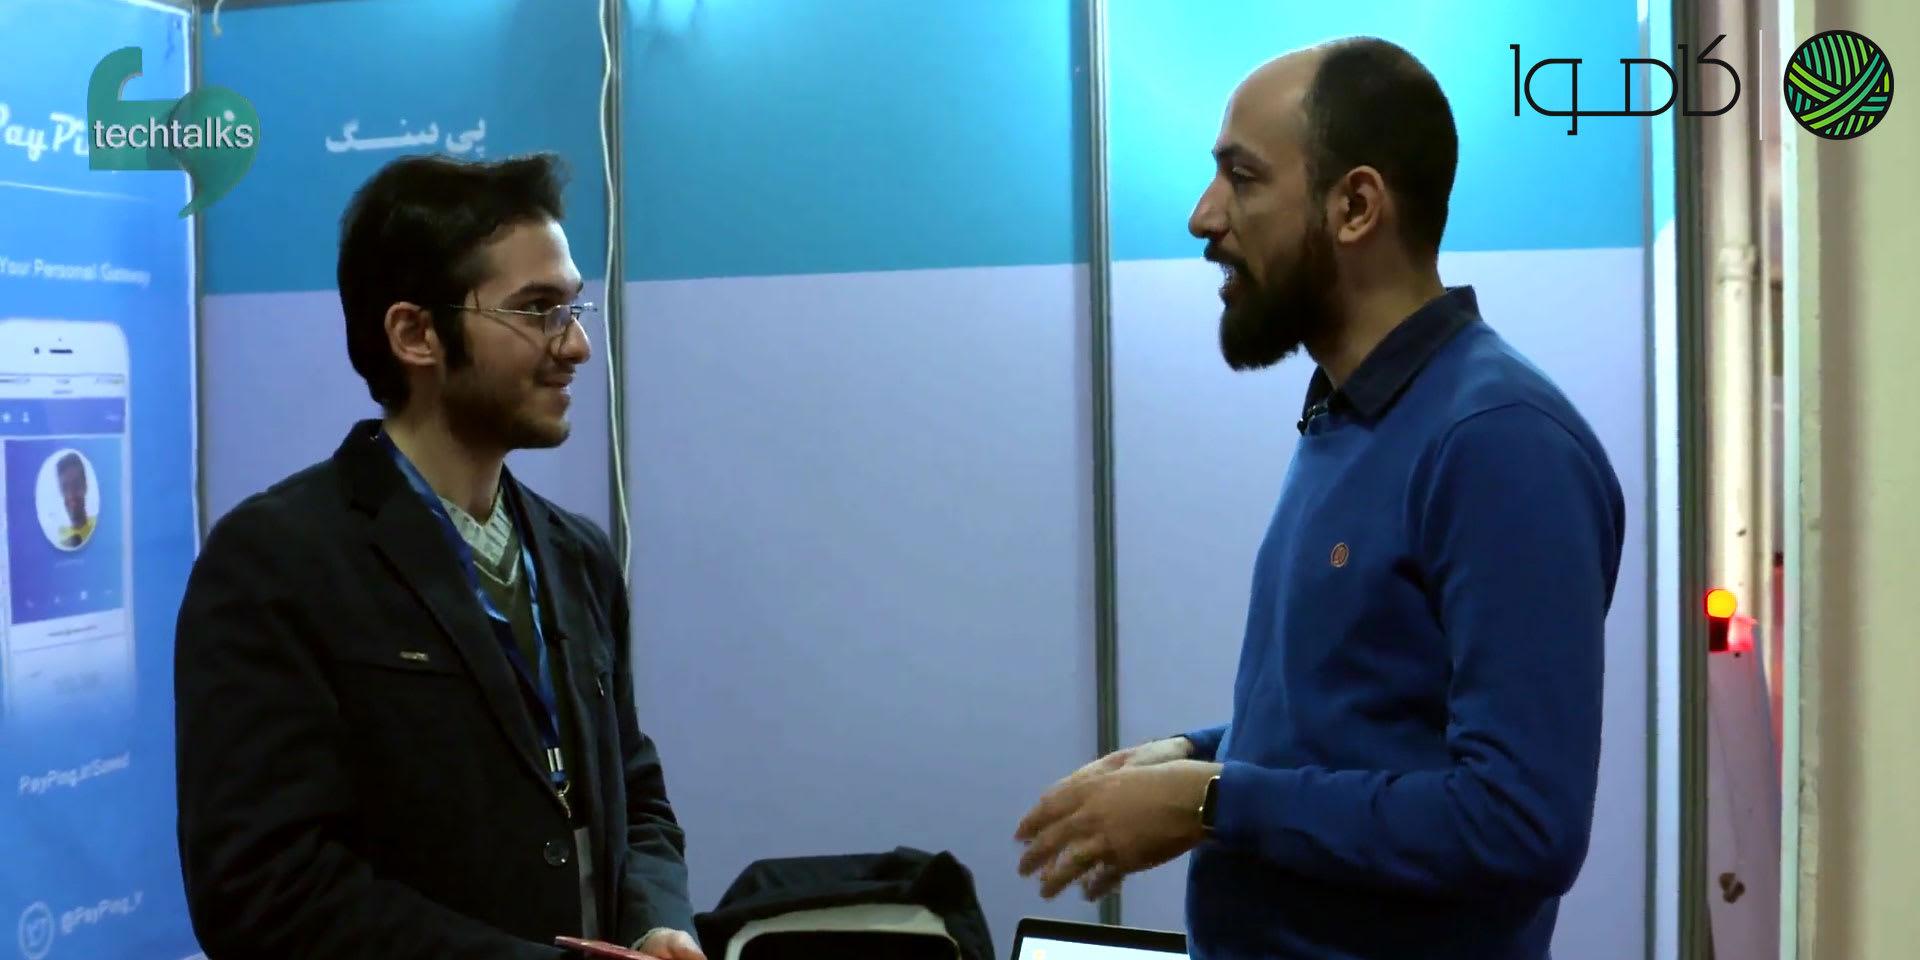 مصاحبه تکتاکس با بنیان گذار کاموا